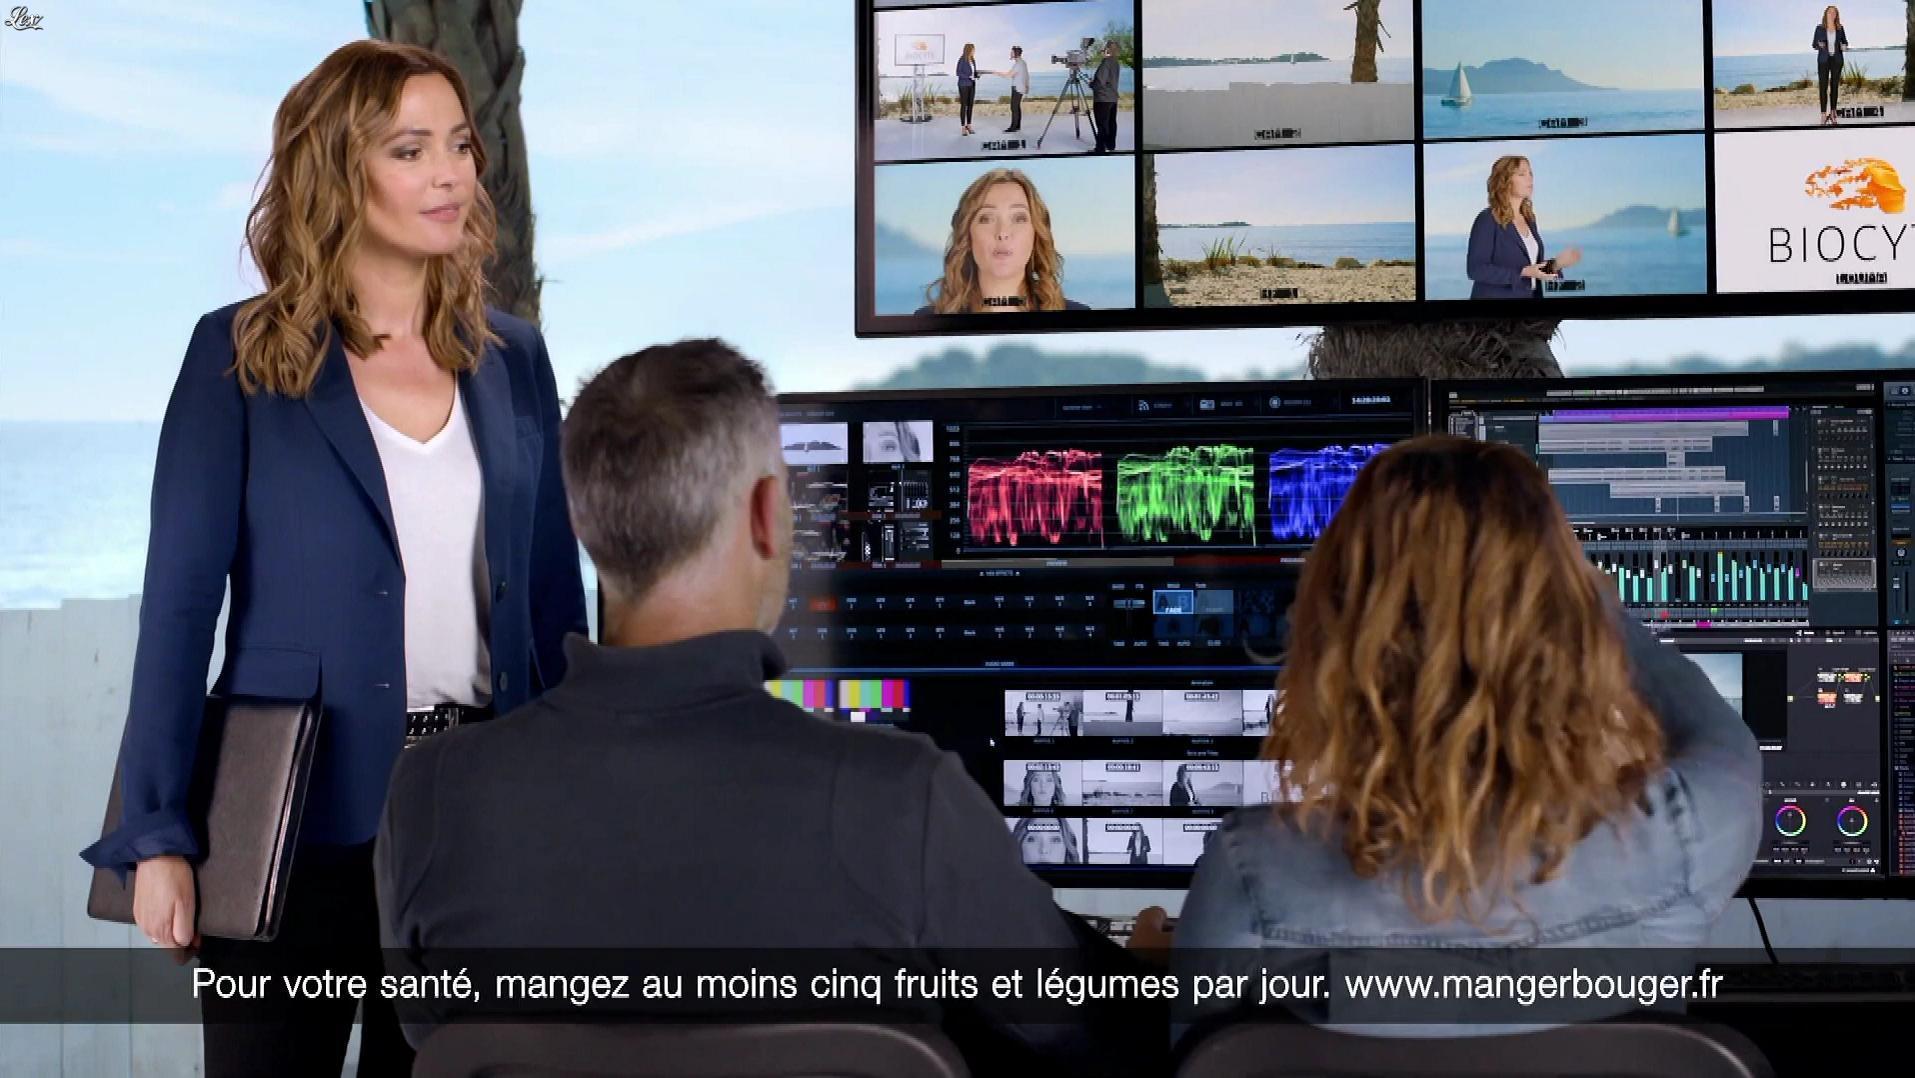 Sandrine Quétier dans une Publicité pour Biocyte. Diffusé à la télévision le 19/02/19.